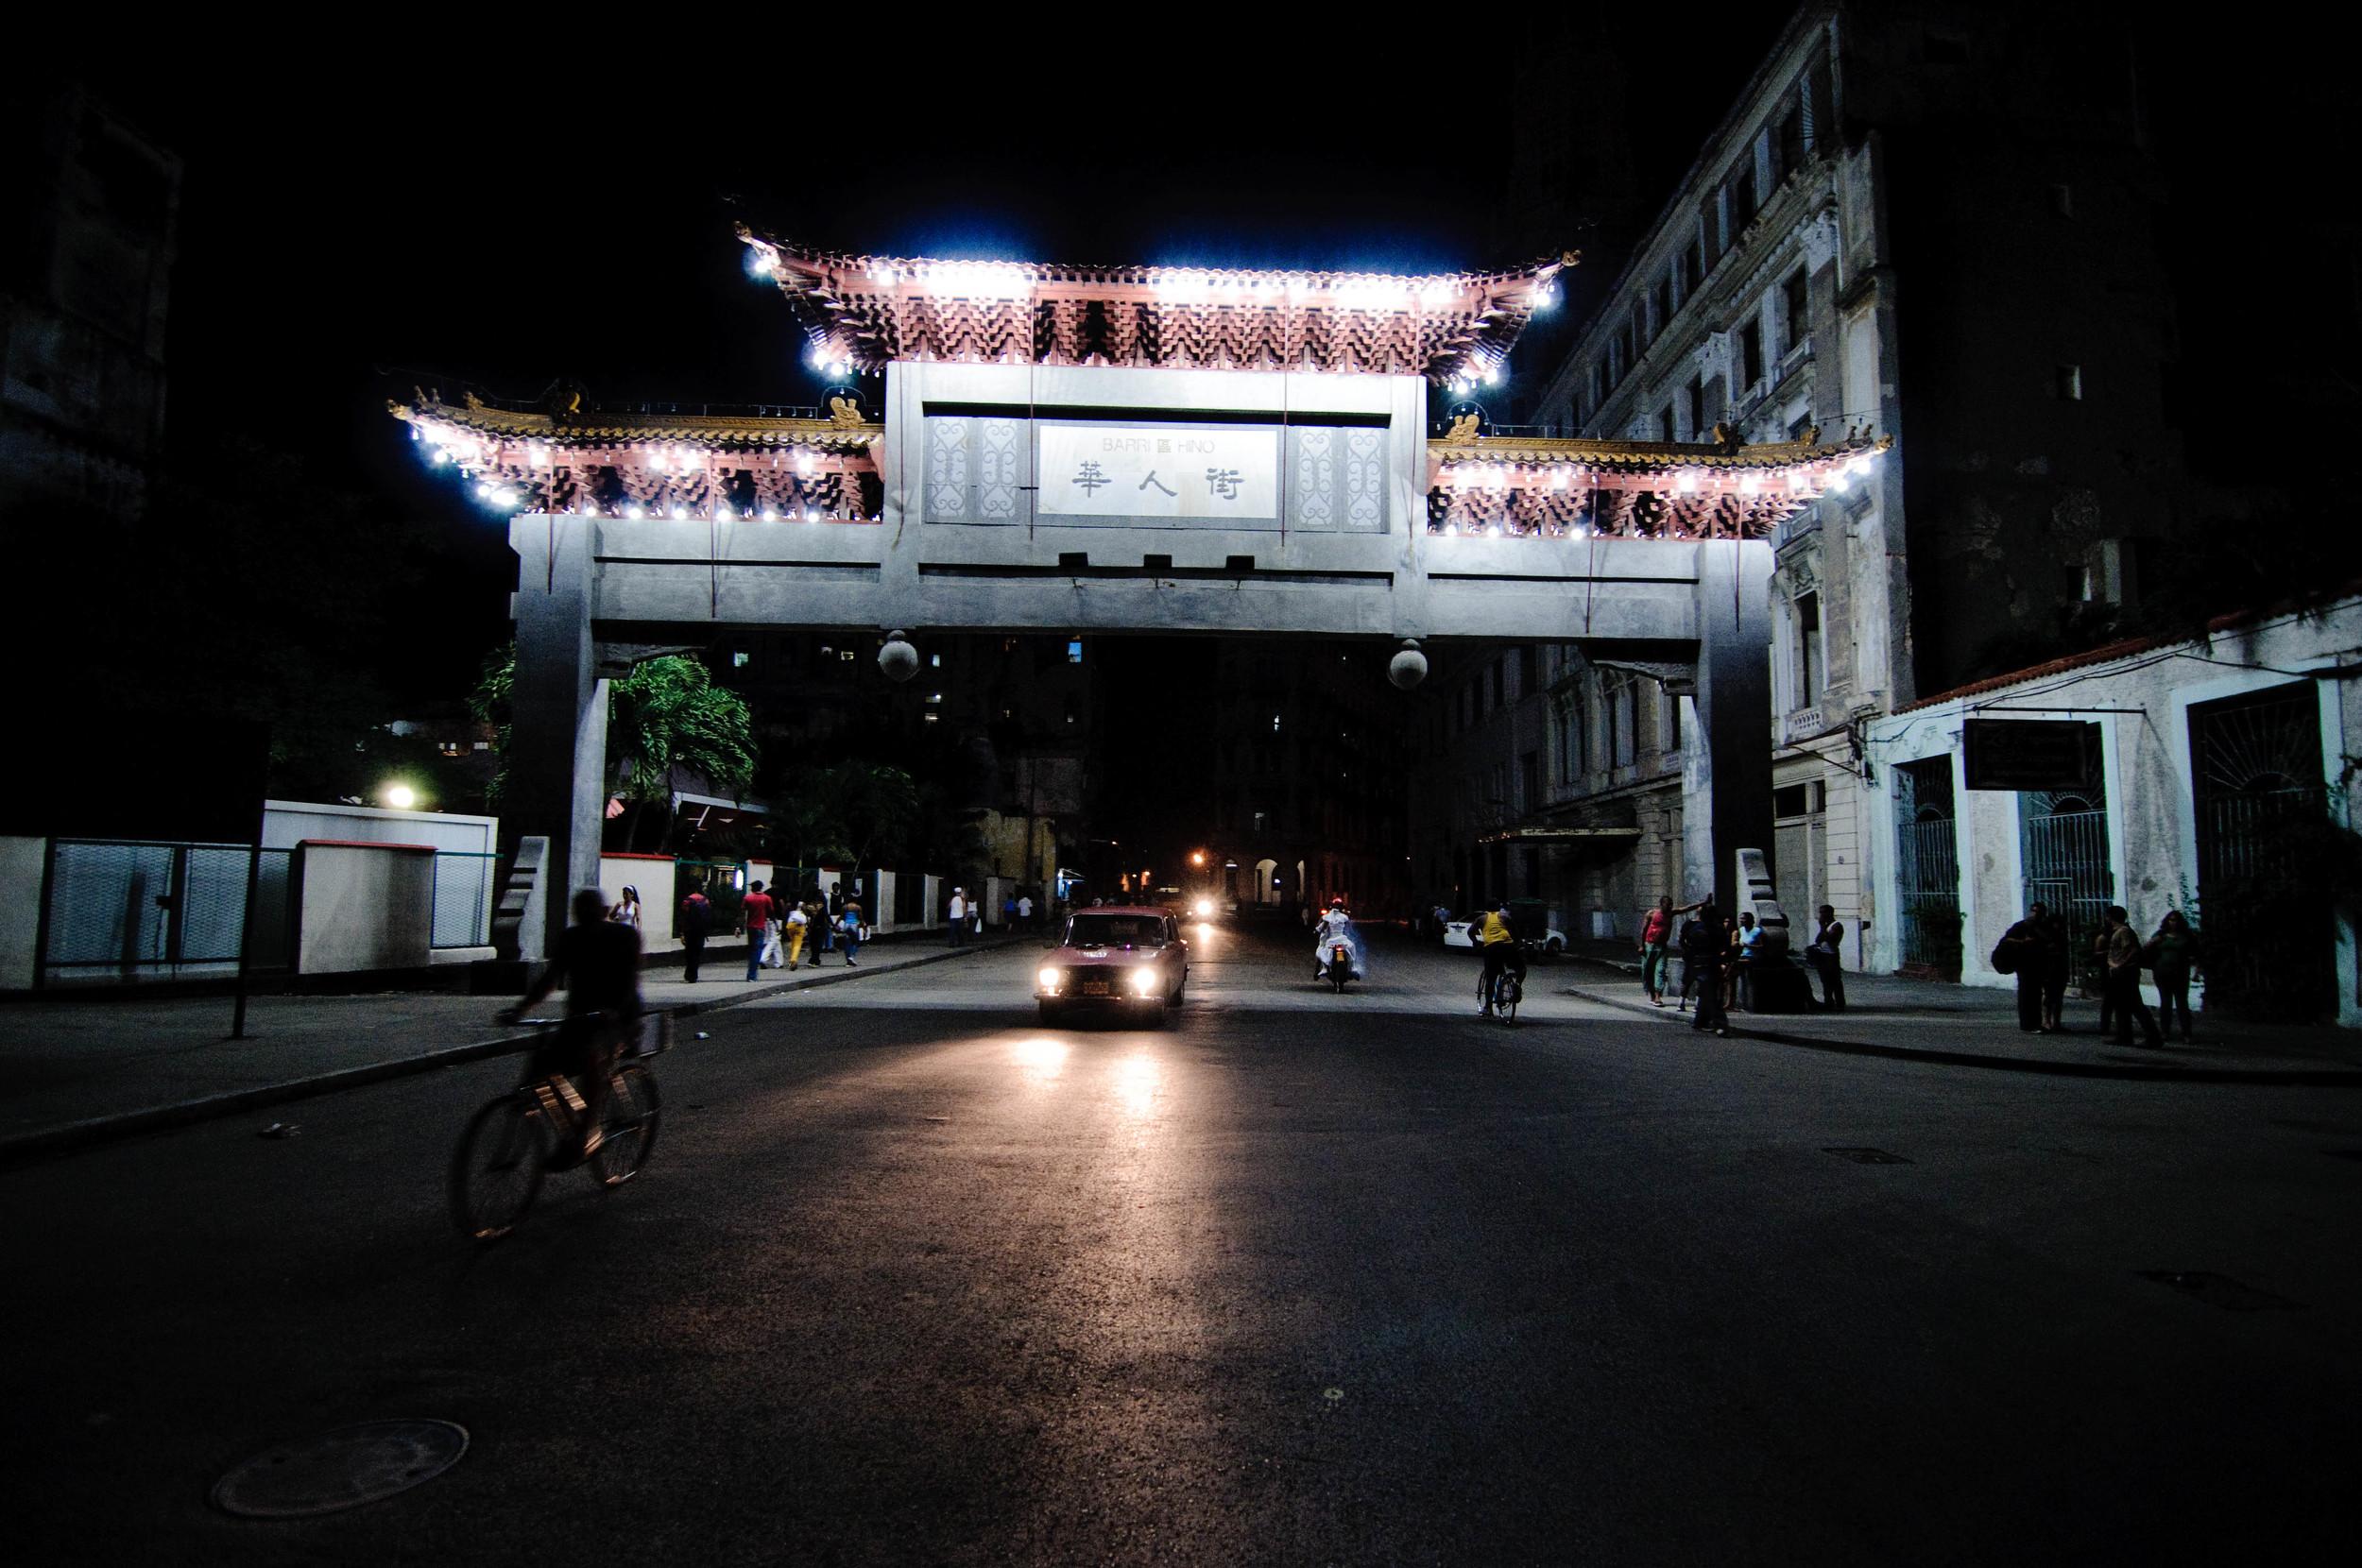 EW_Cuba_06112010_3_6341.jpg